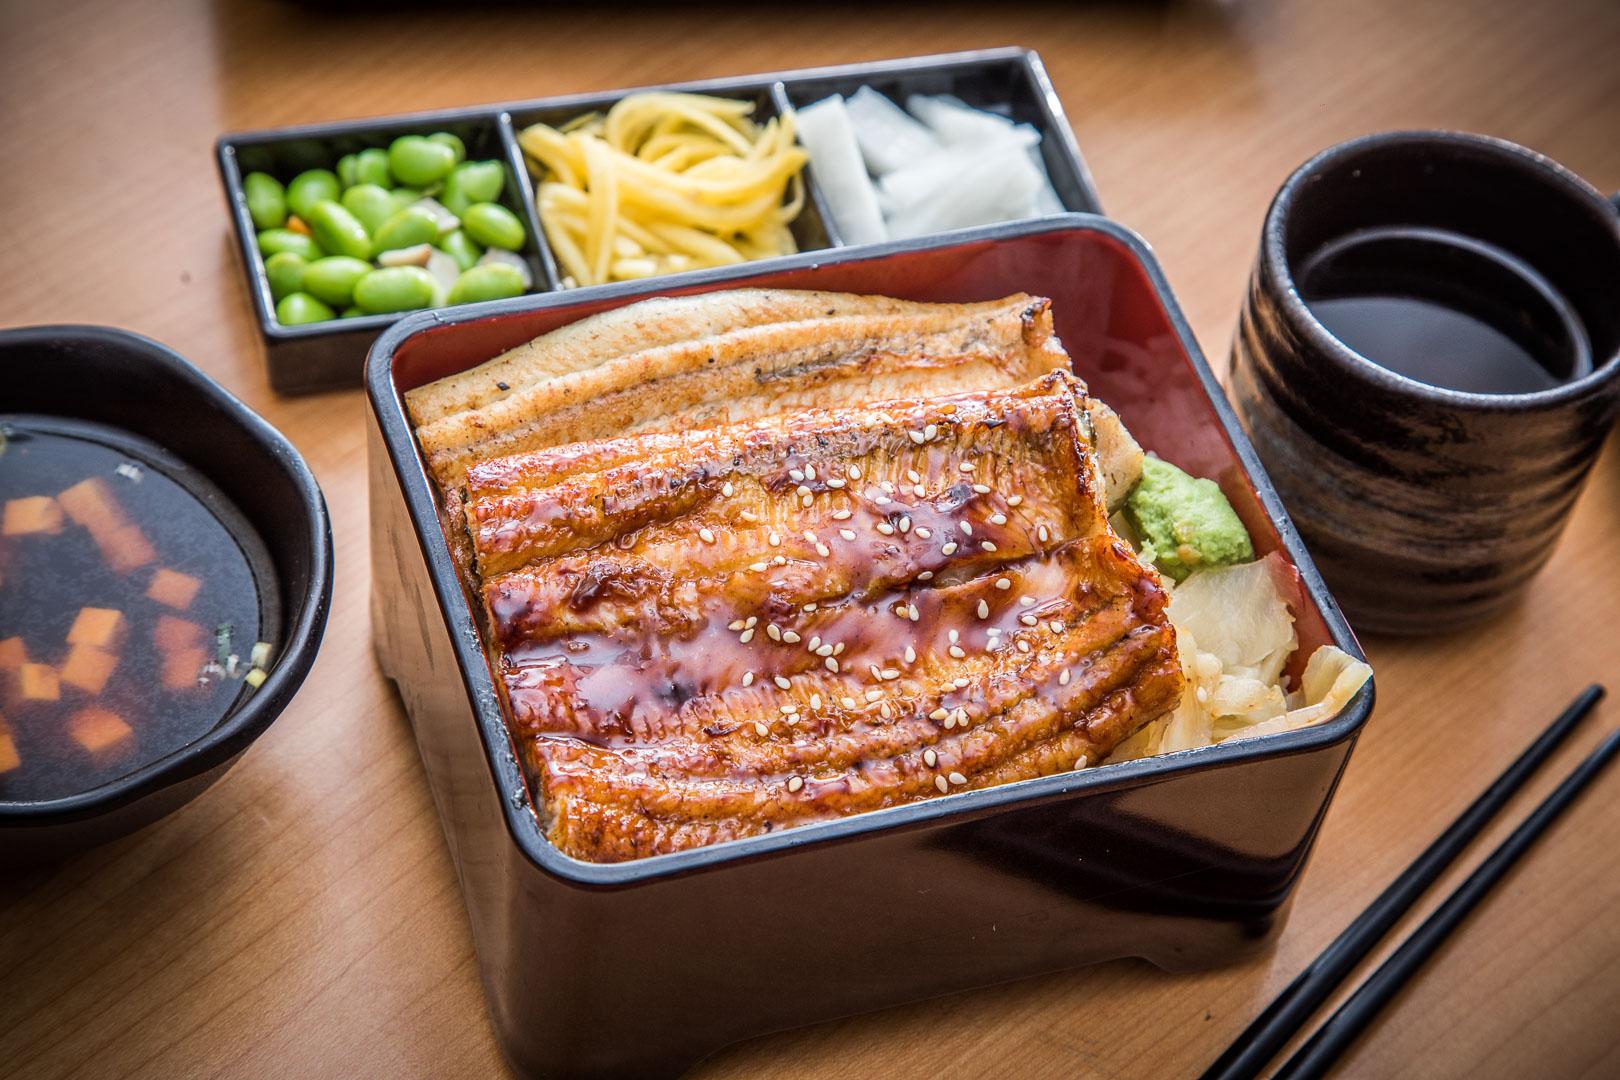 桃園美食 》鰻天下|桃園鰻魚飯推薦,高貴不貴絕對奢華!蒲燒白燒雙拼太極鰻魚飯!